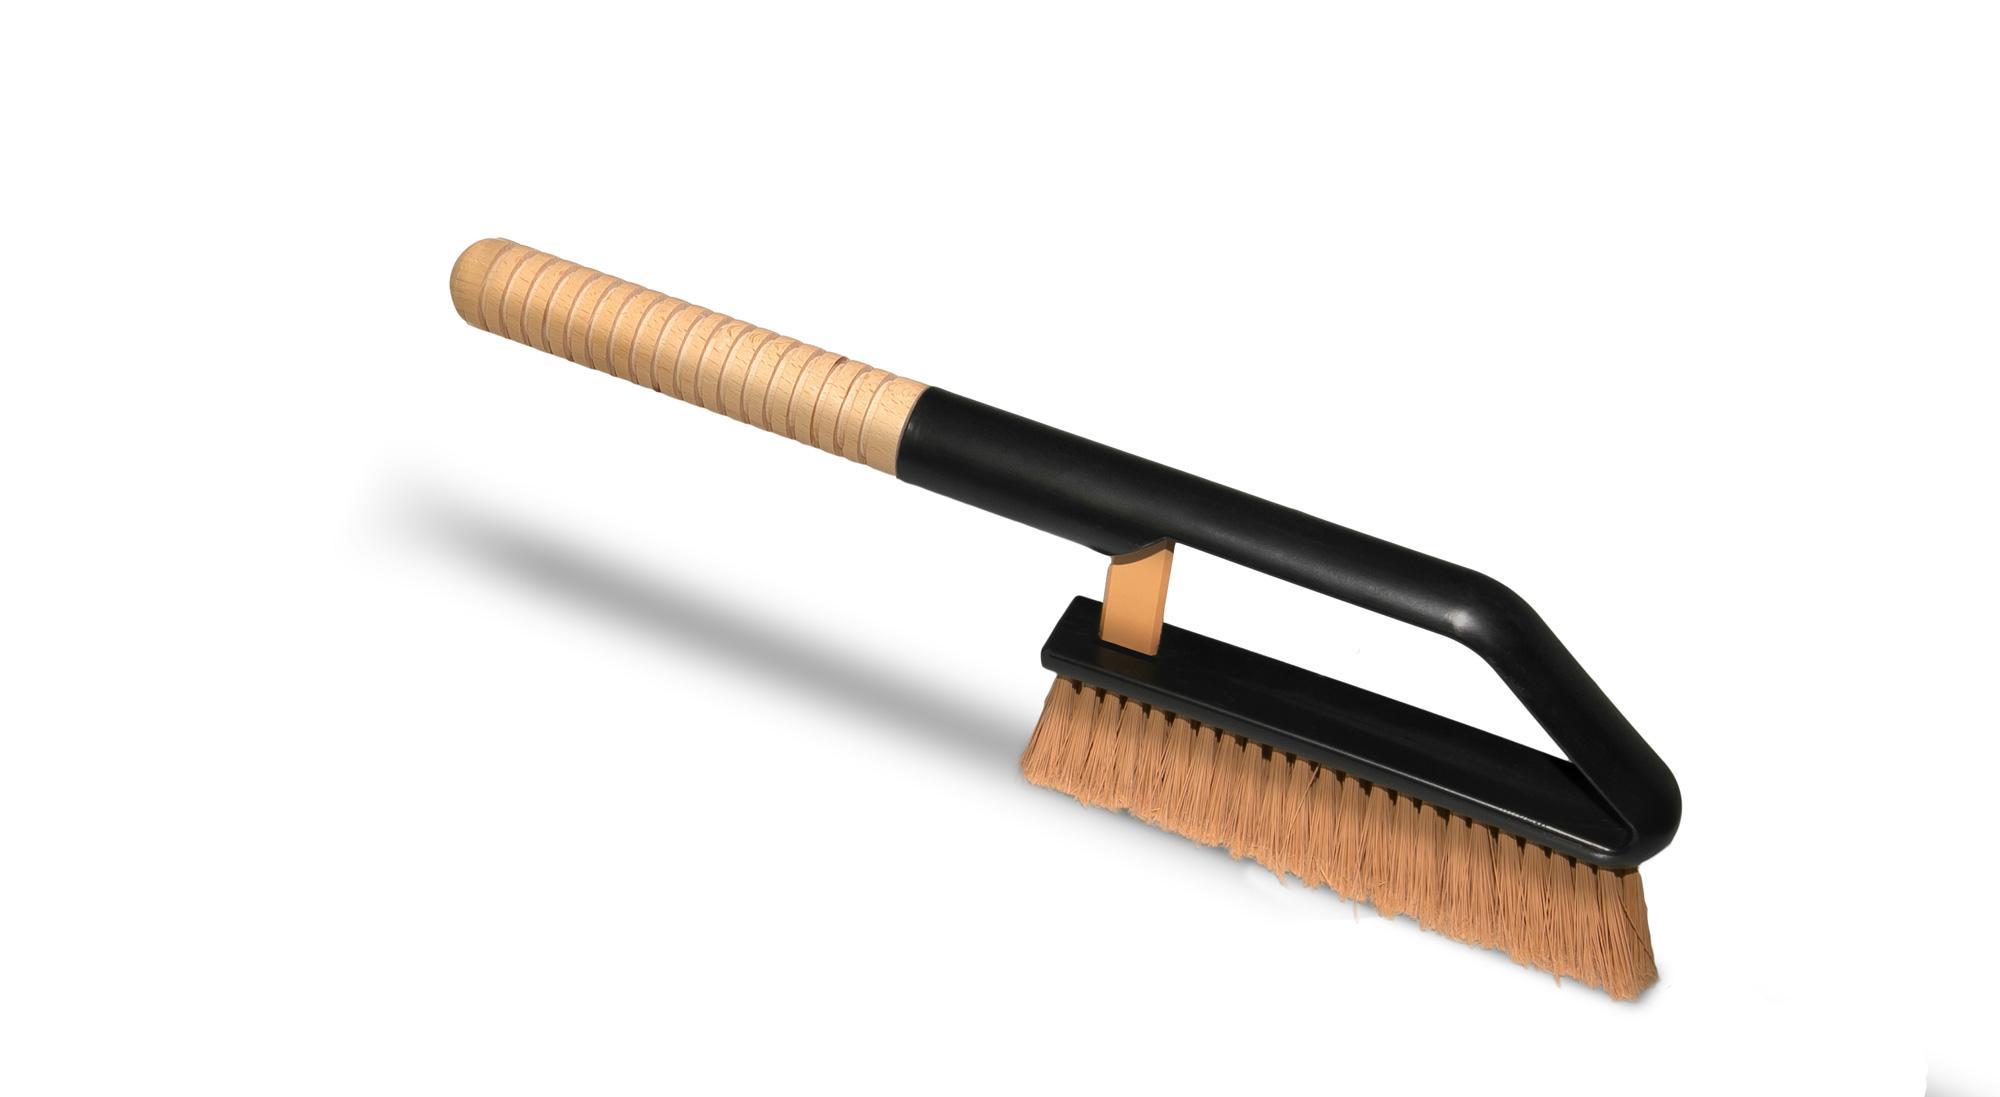 T09843 TOM PAR Futura Beech Länge: 450mm, PVC, Holz Reinigungsbürste T09843 kaufen